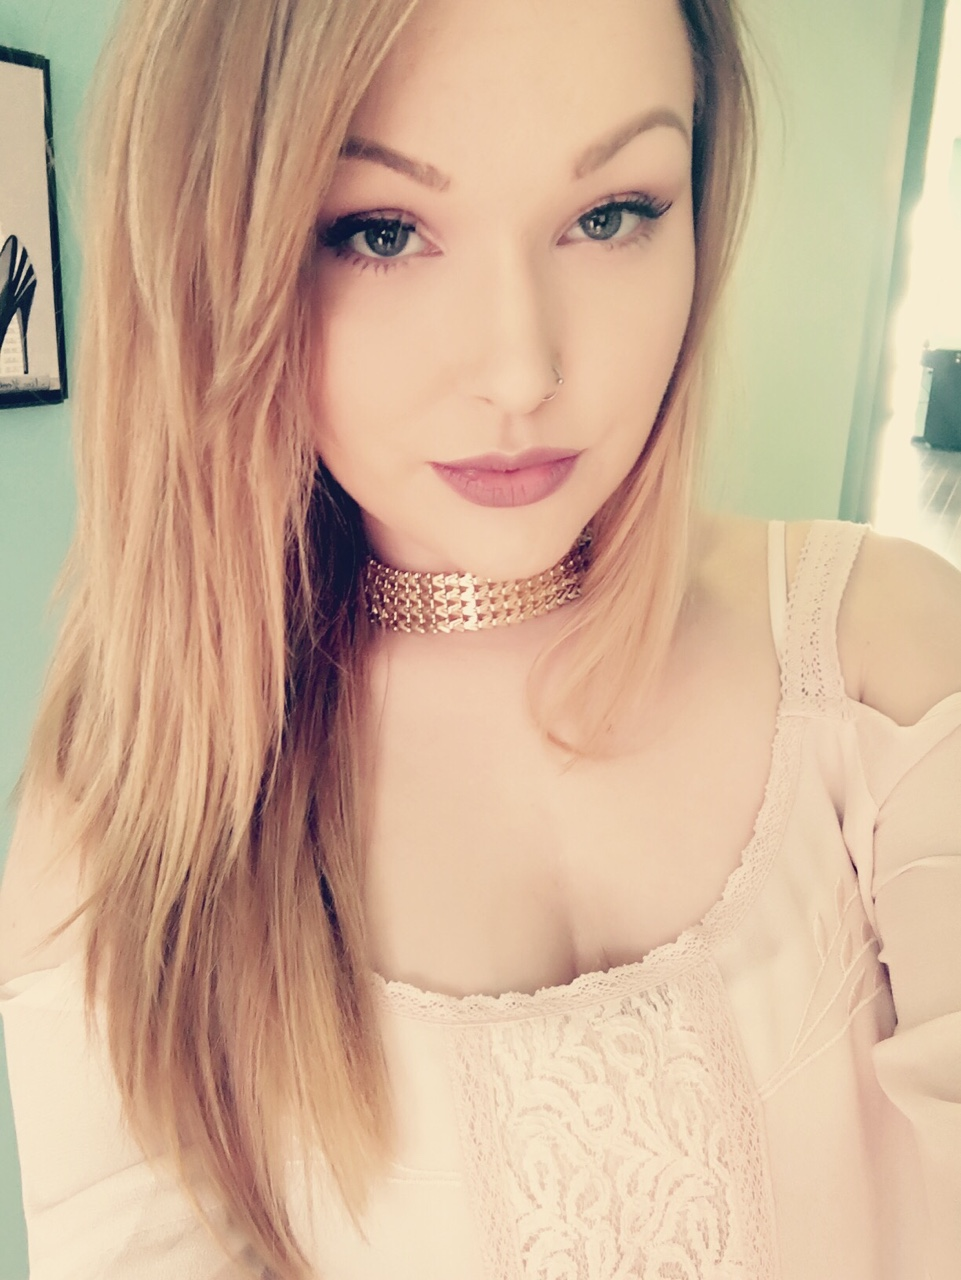 selfie sexy du 60 de fille très hot